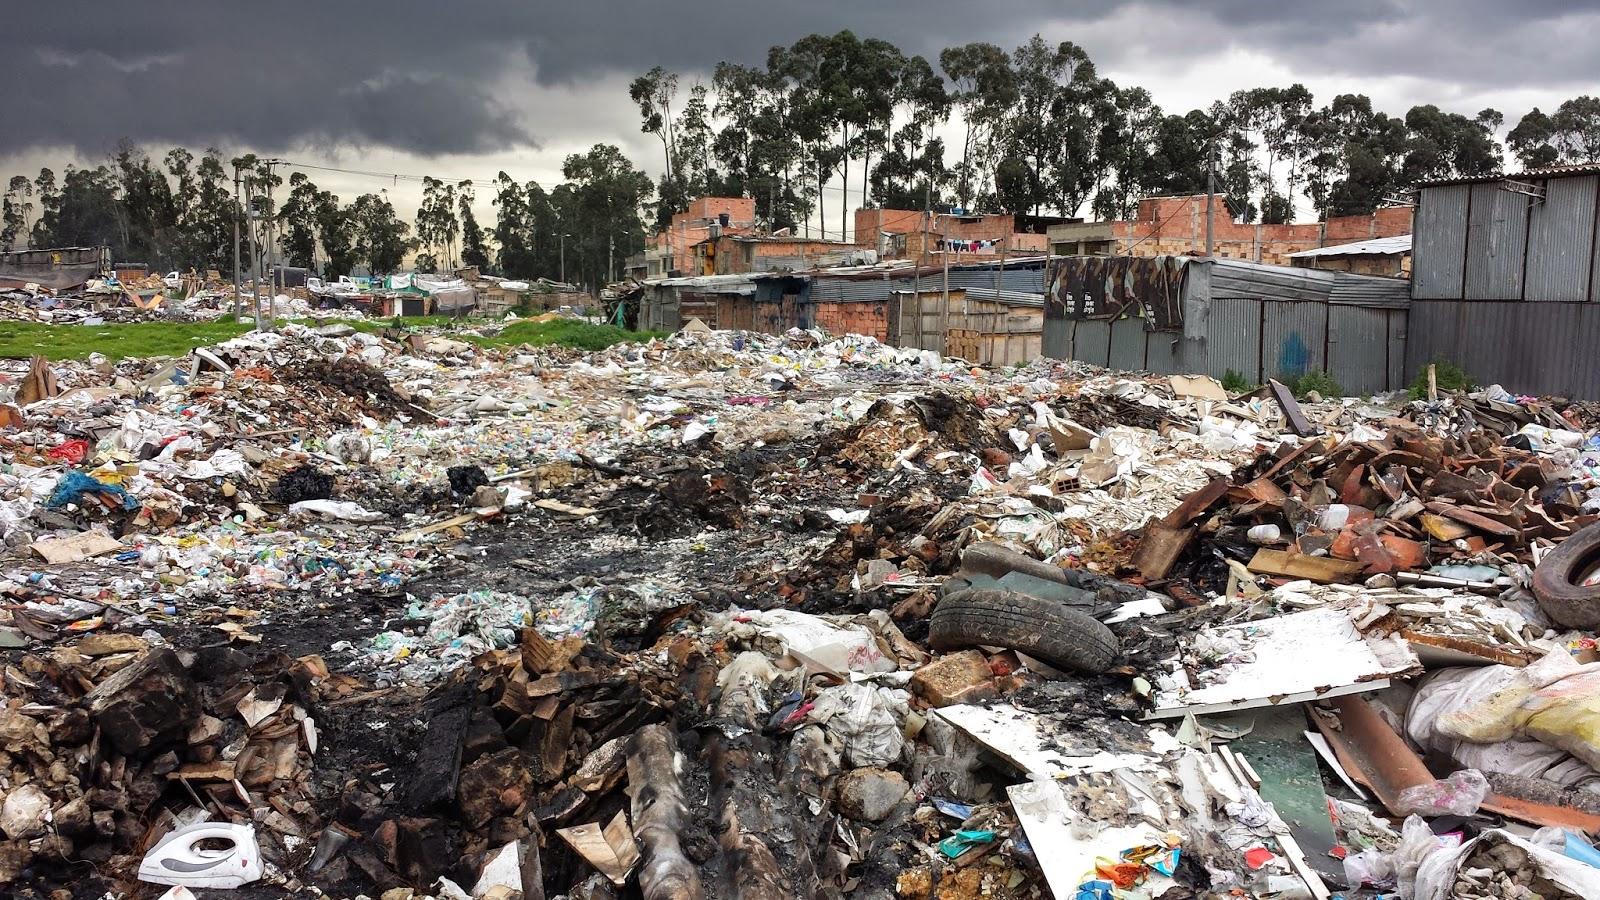 Resultado de imagen para DISPOSICION CLANDESTINA DE RESIDUOS INDUSTRIALES